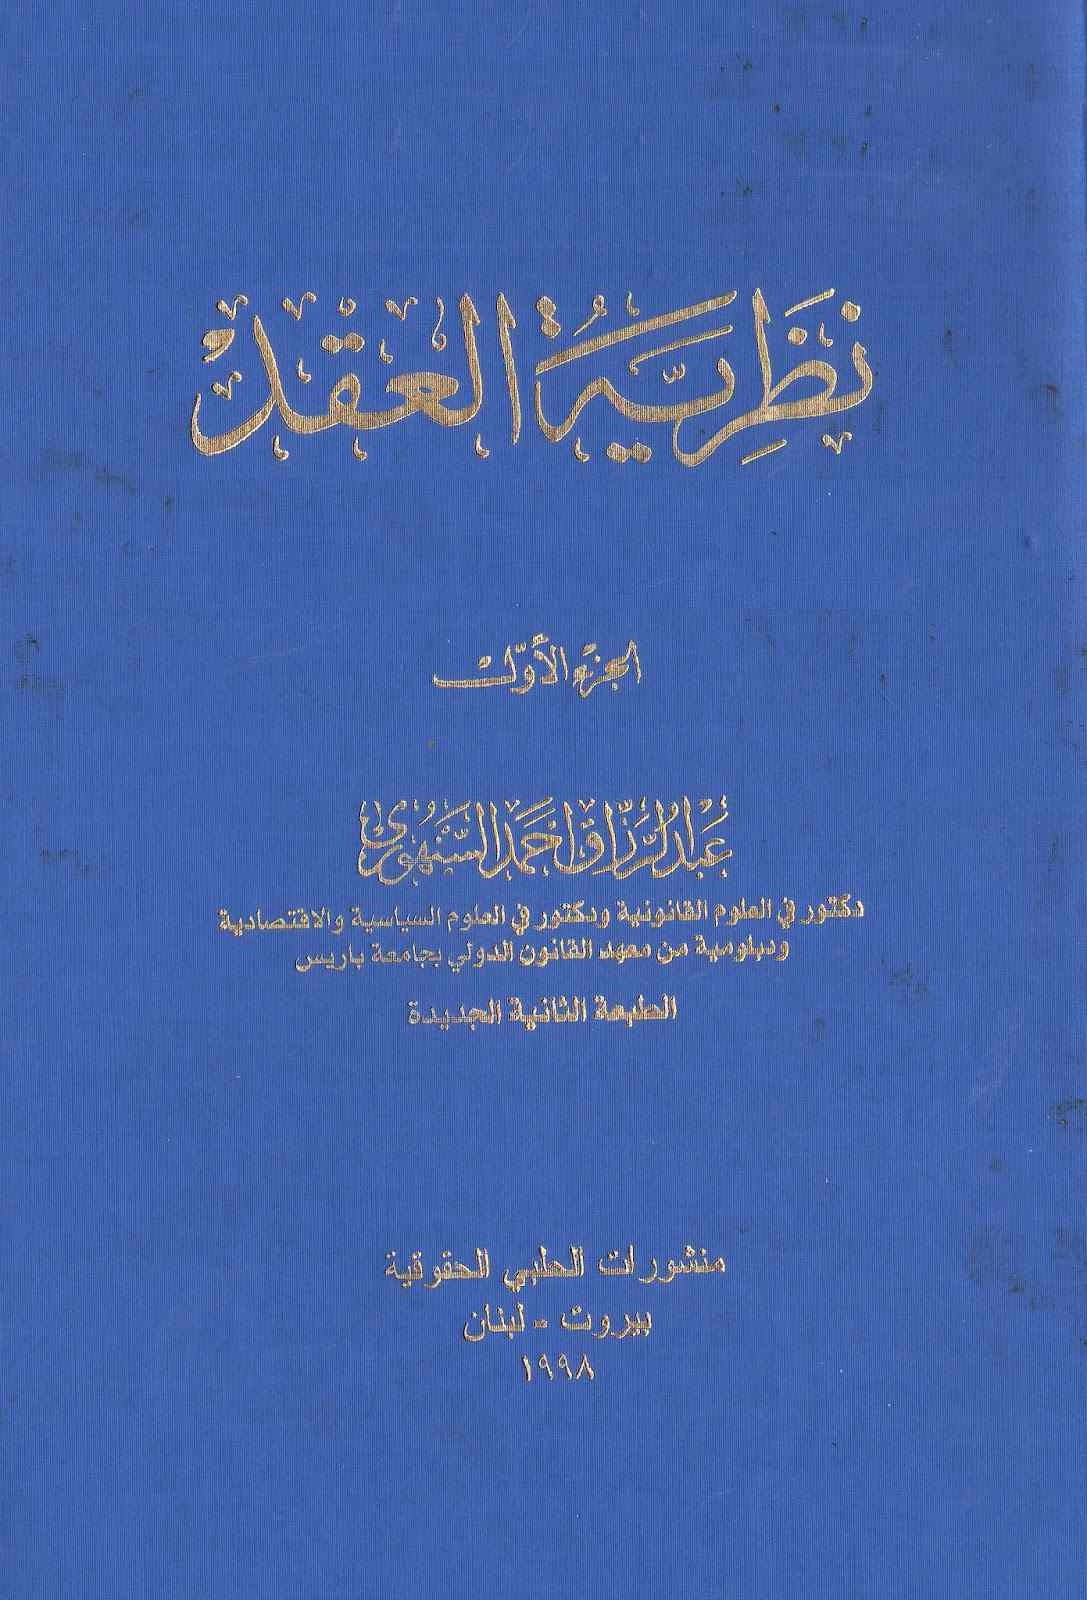 تحميل كتب عبد الرزاق السنهوري